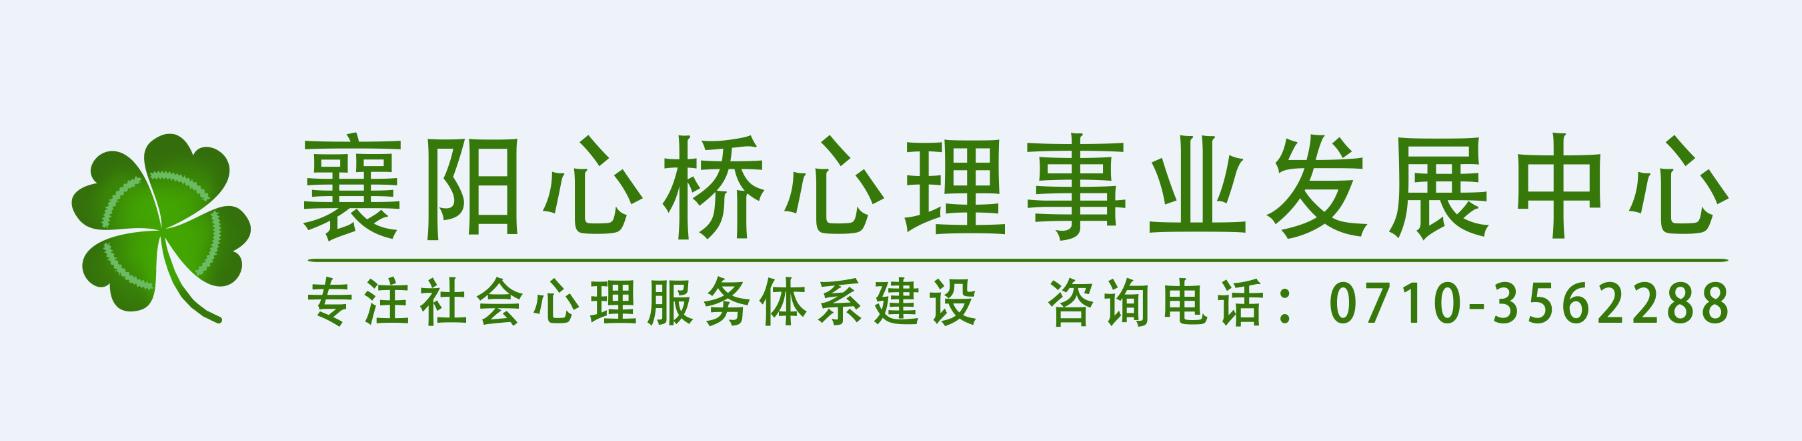 襄阳心桥心理事业发展中心